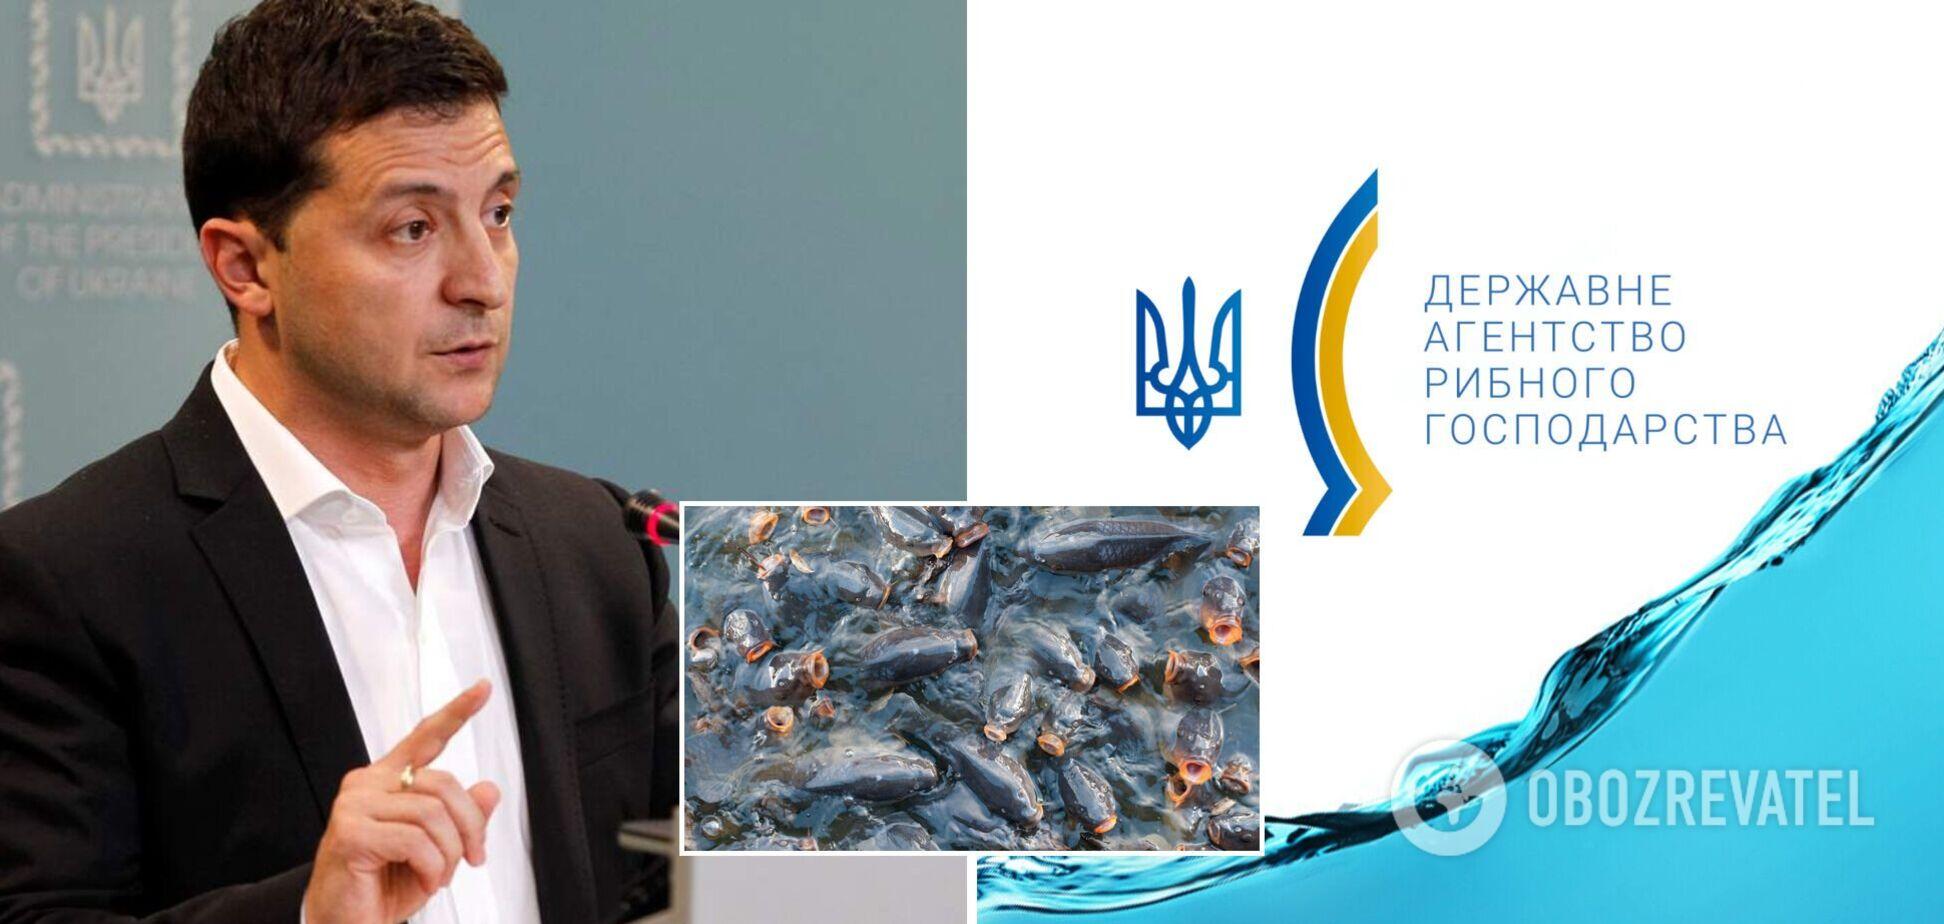 Корупция со стороны Госрыбагентства привела к снижению продукции рыбопроизводства